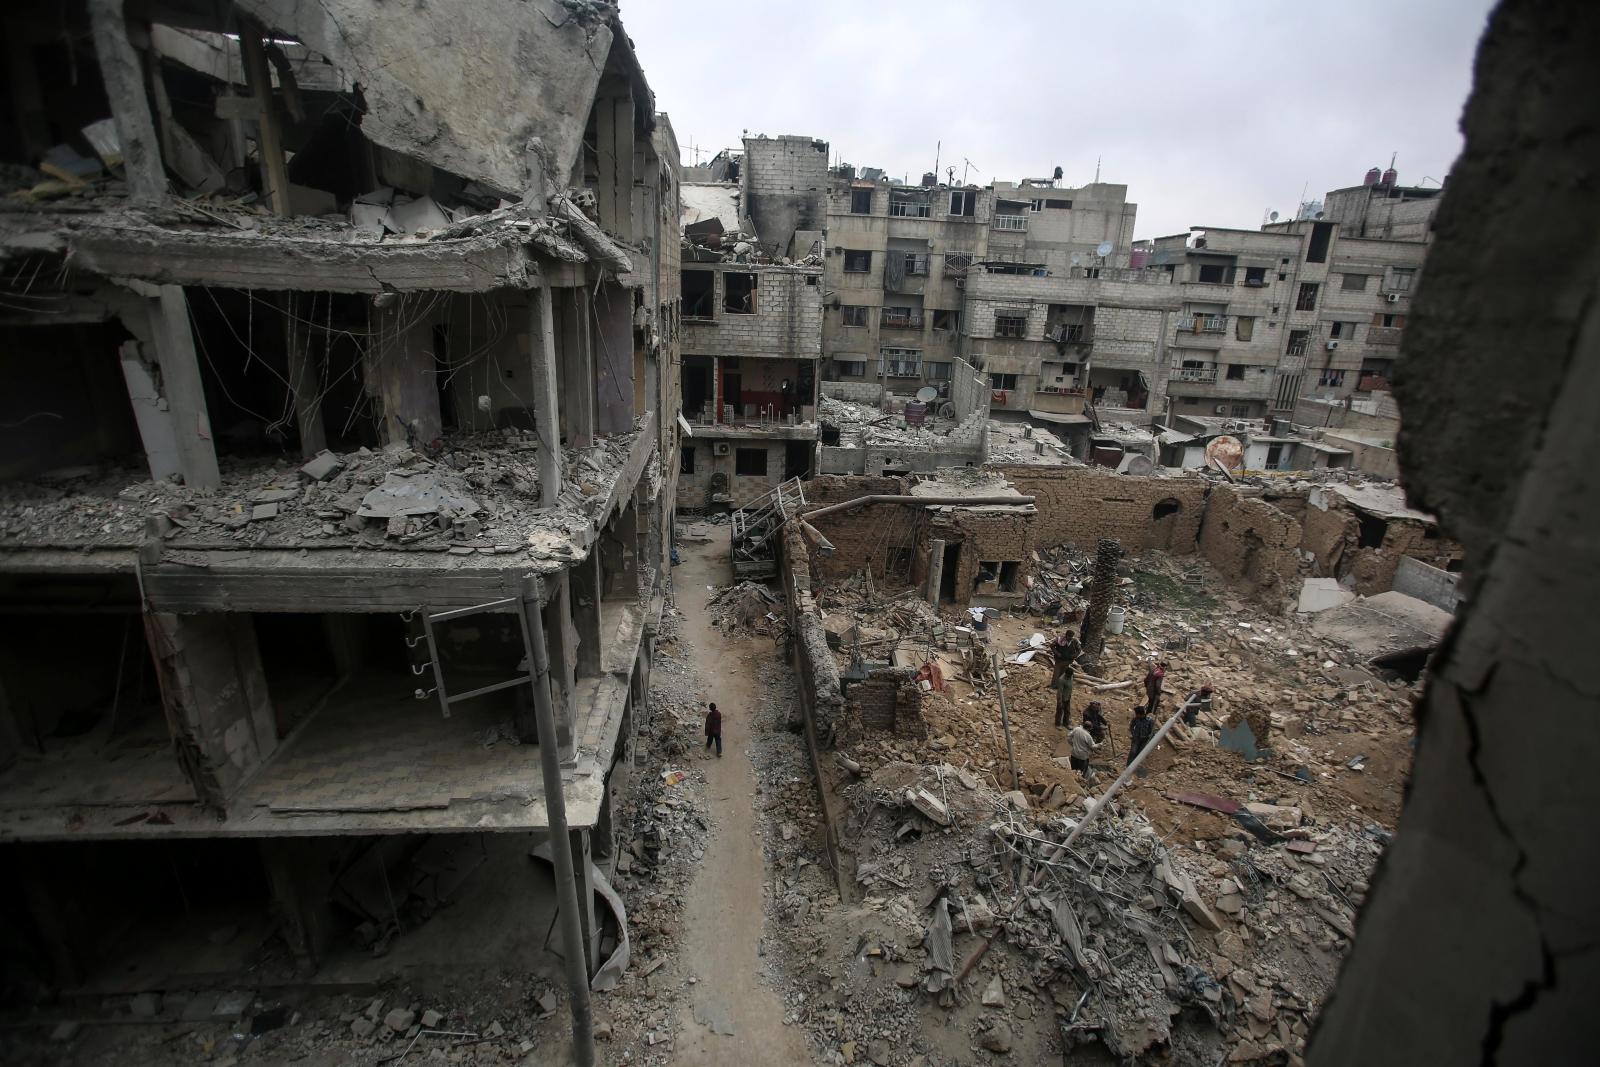 Ludzie szukają swoich rzeczy w zajętym przez rebeliantów mieście Duma, Syria.